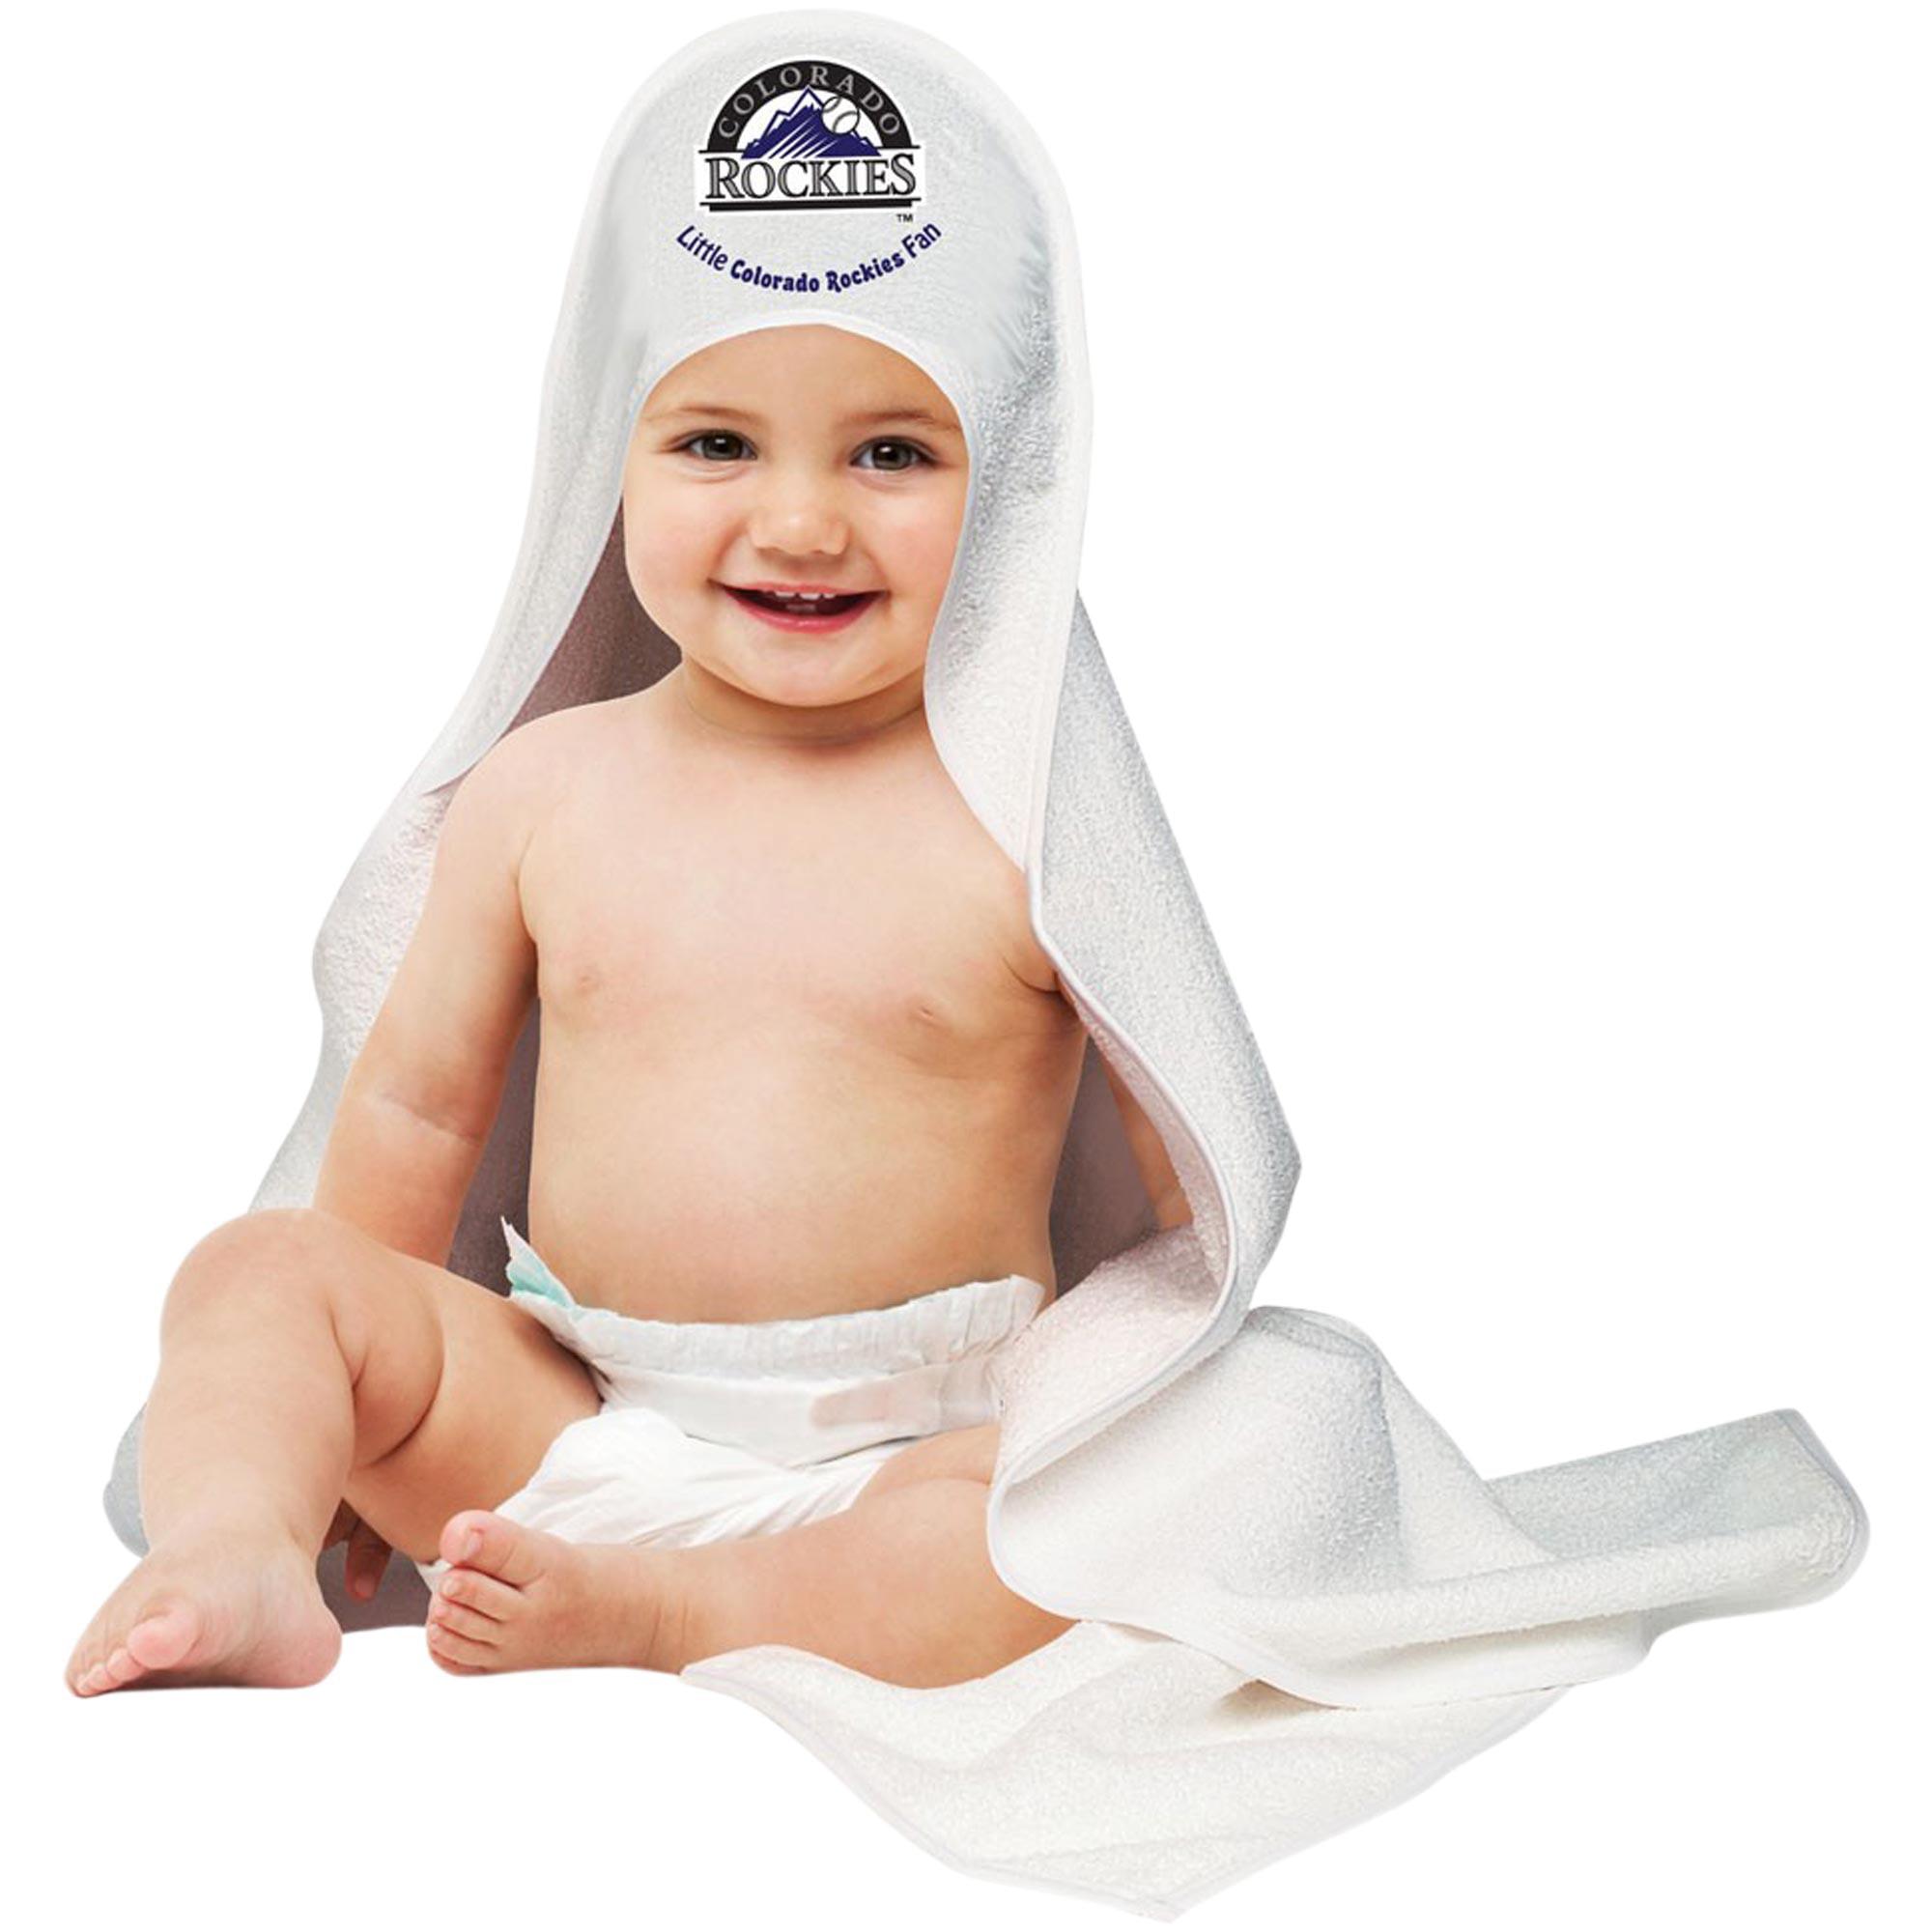 Colorado Rockies WinCraft Hooded Baby Towel - No Size